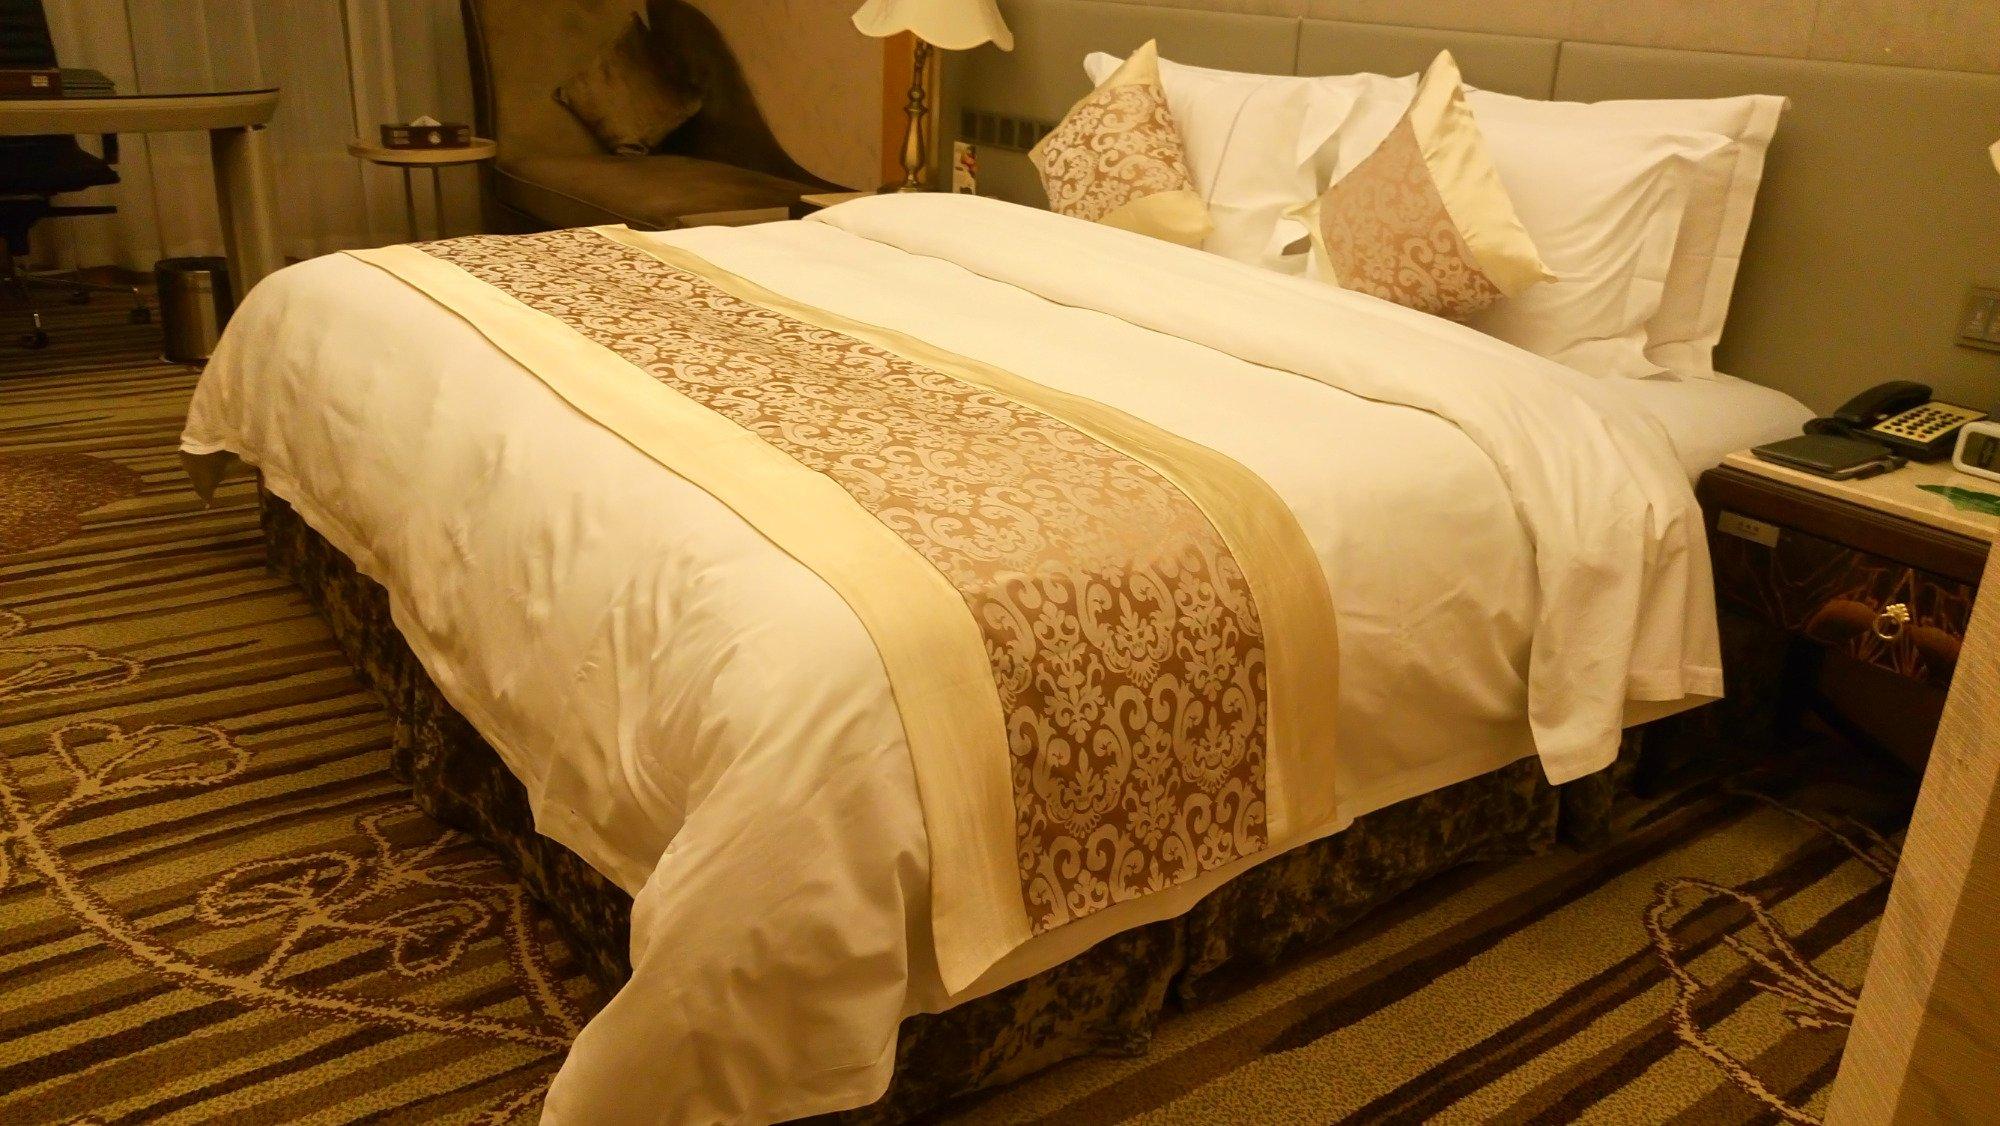 โรงแรมซันไชน์ & รีสอร์ทซางเจียจี